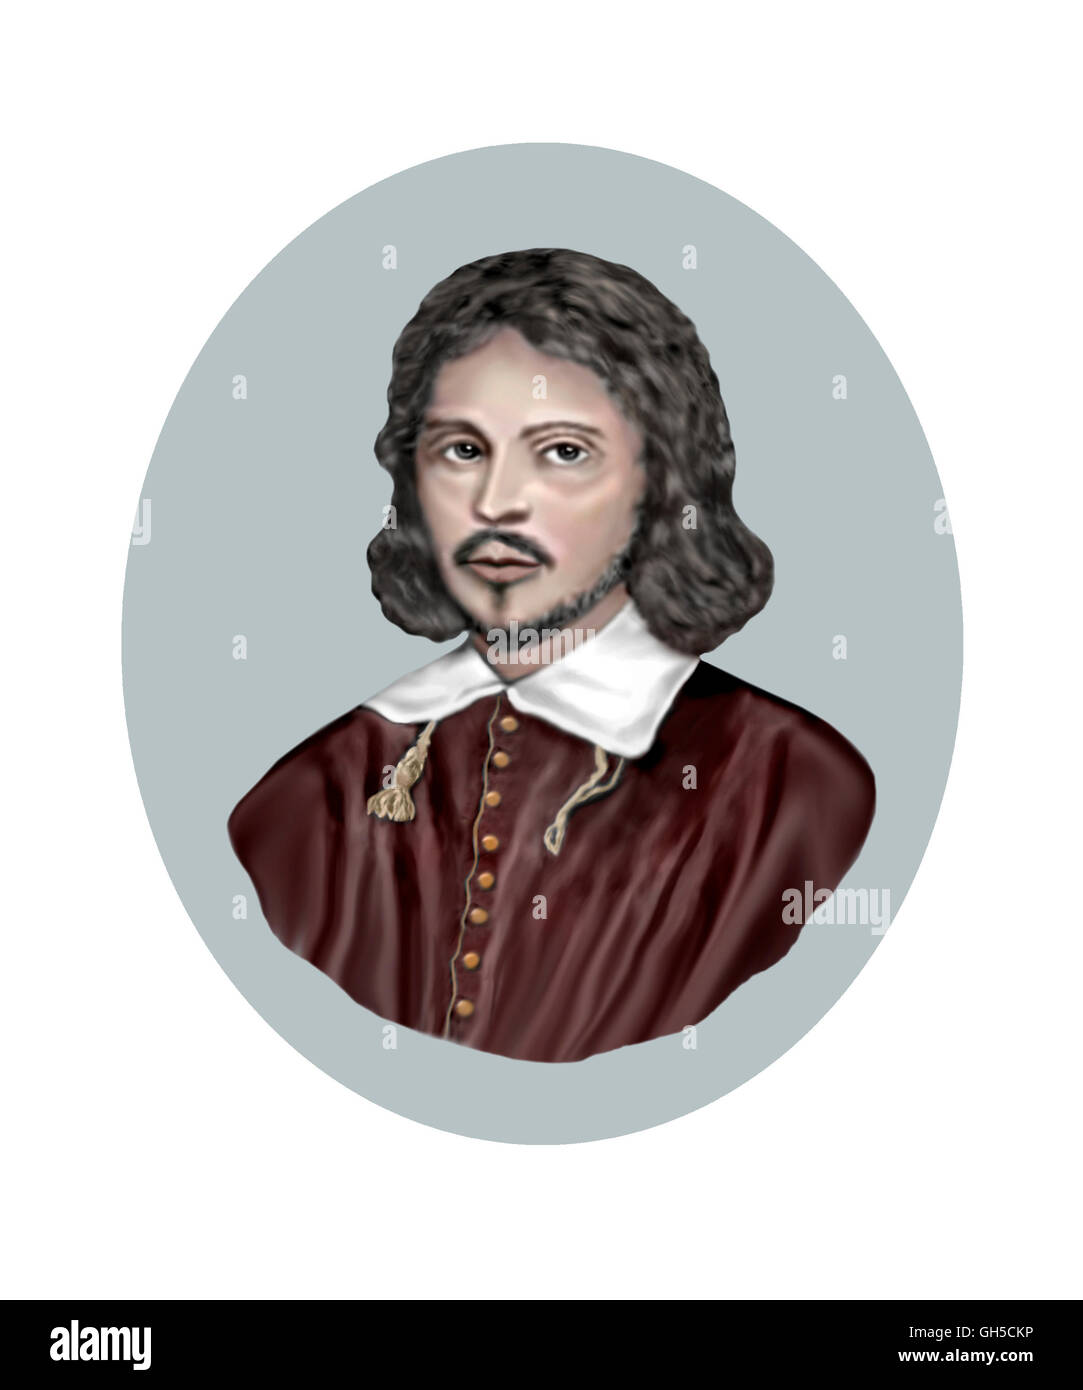 Thomas Tallis, c1505-1585, Composer - Stock Image